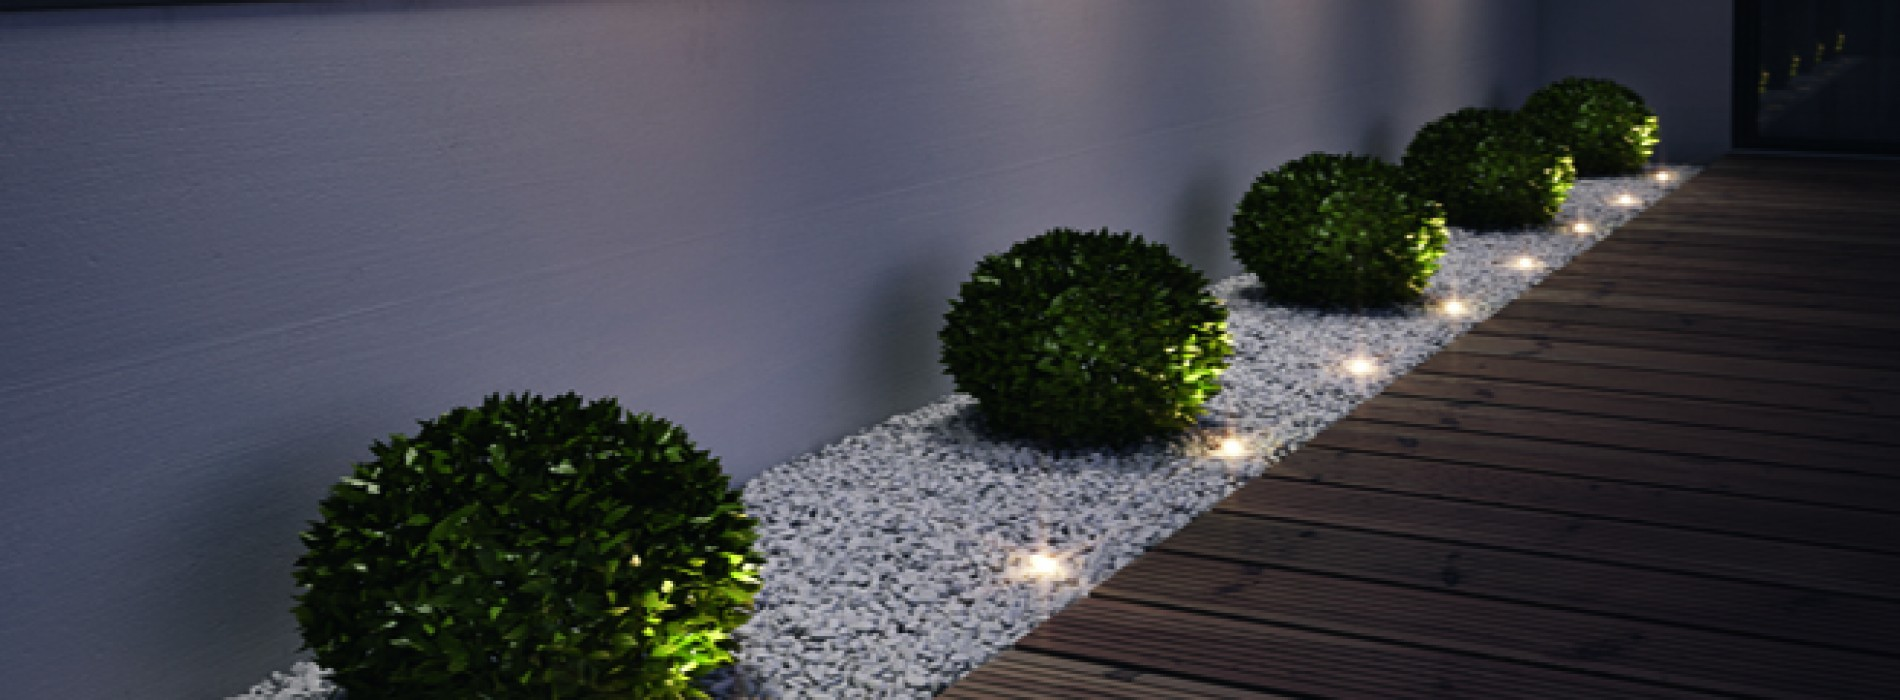 Art culos de iluminaci n el ctricos para el jard n for Accesorios de jardin